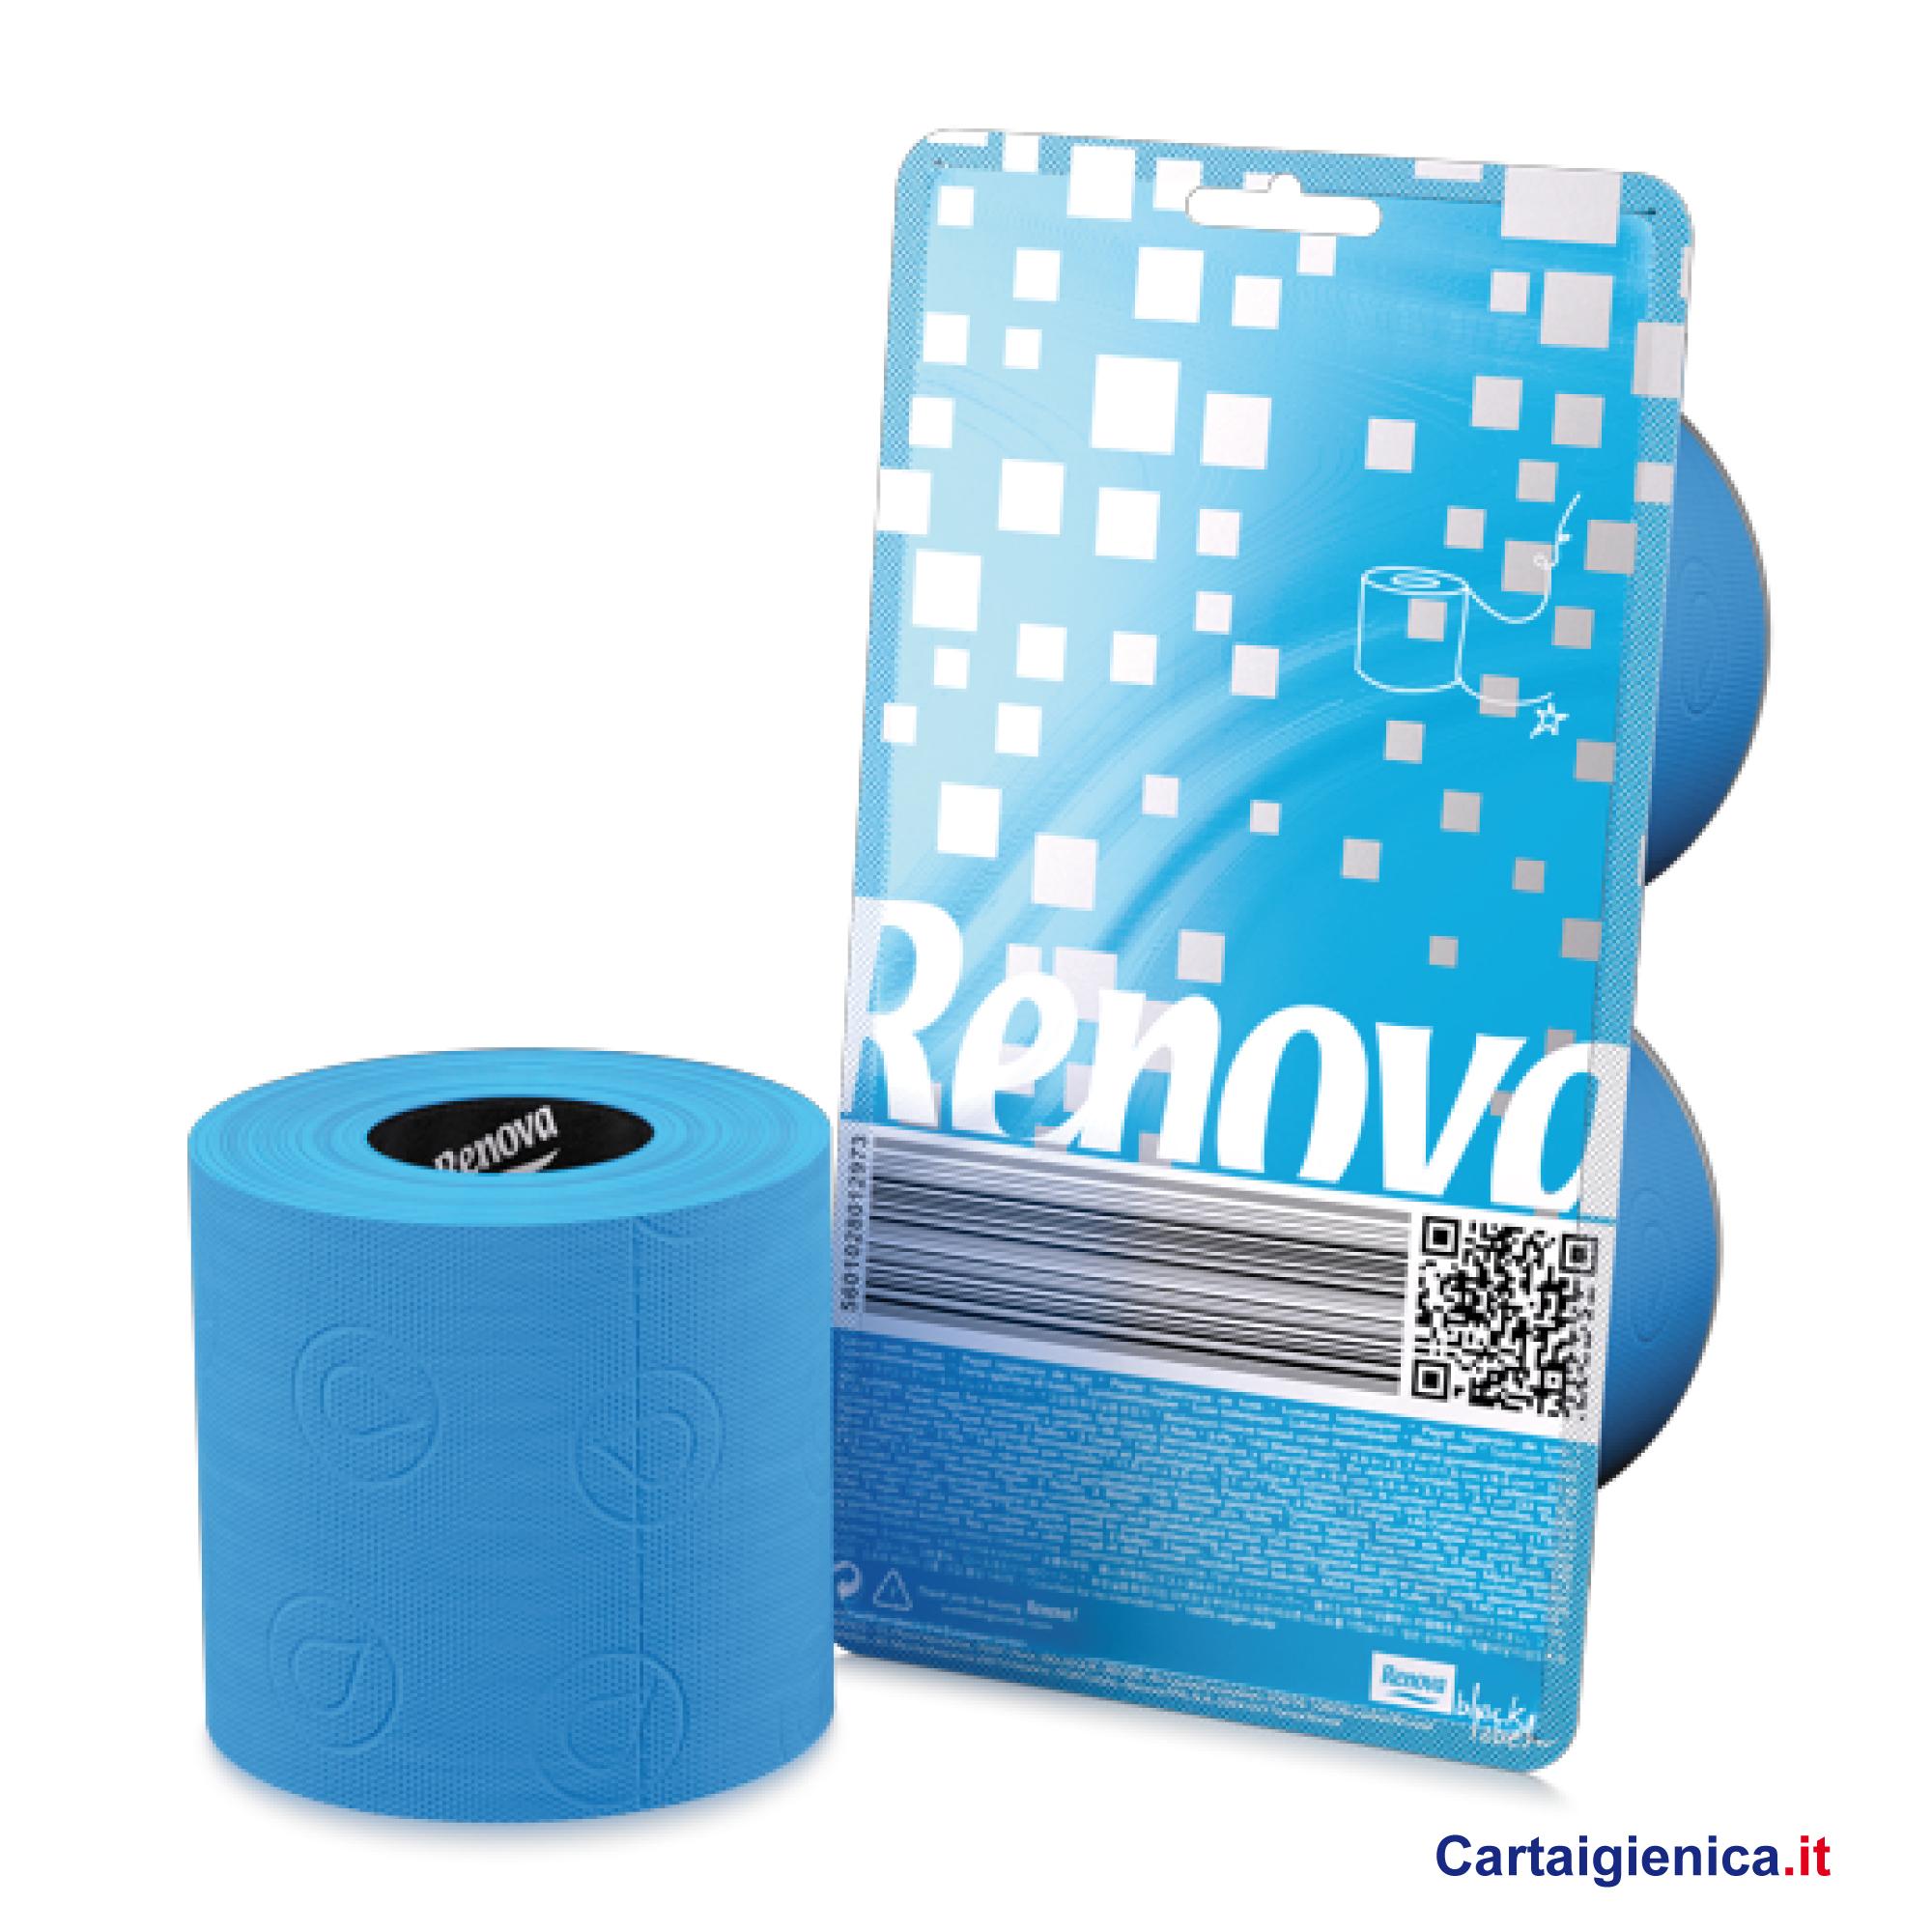 renova carta igienica colorata azzurro 2 rotoli cartaigienica.it